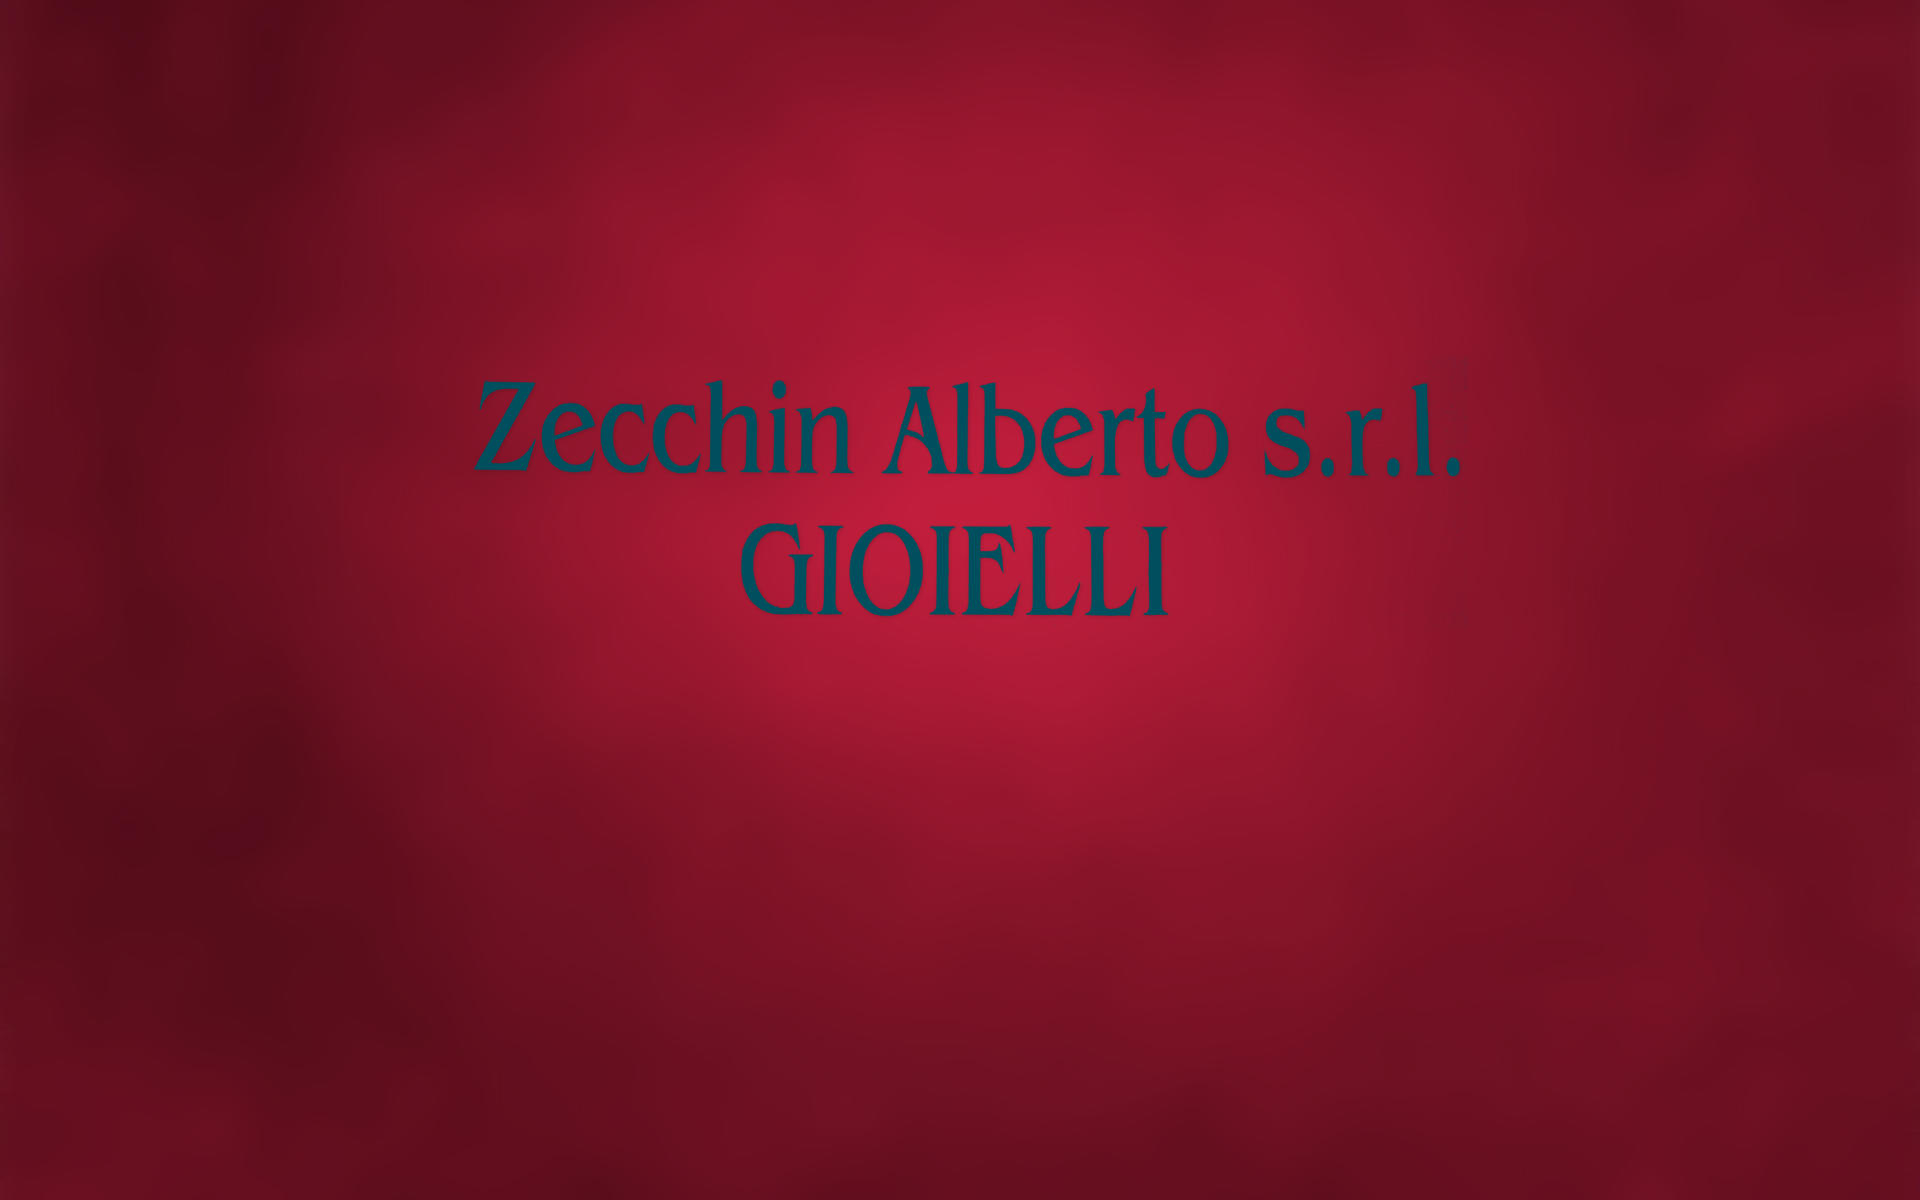 Zecchin Alberto s.r.l.